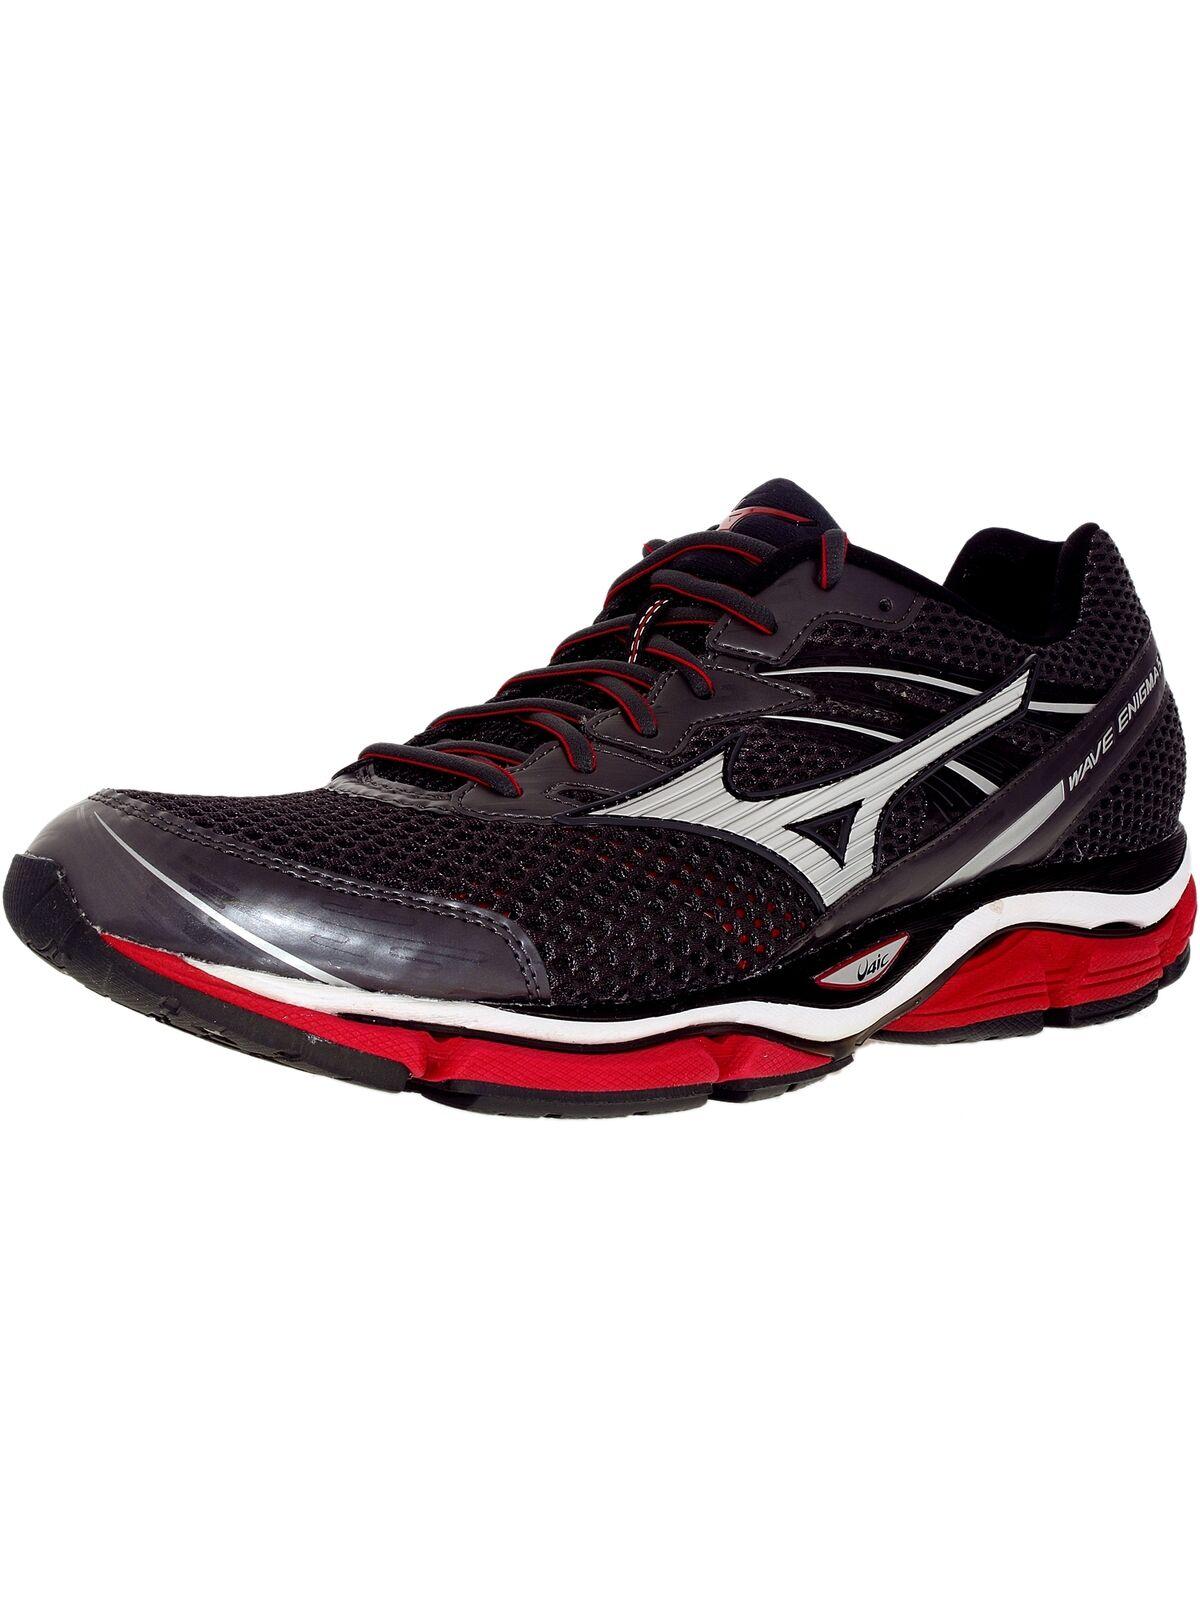 Mizuno Wave Enigma 5 al tobillo para Hombre-zapato de tenis de alta